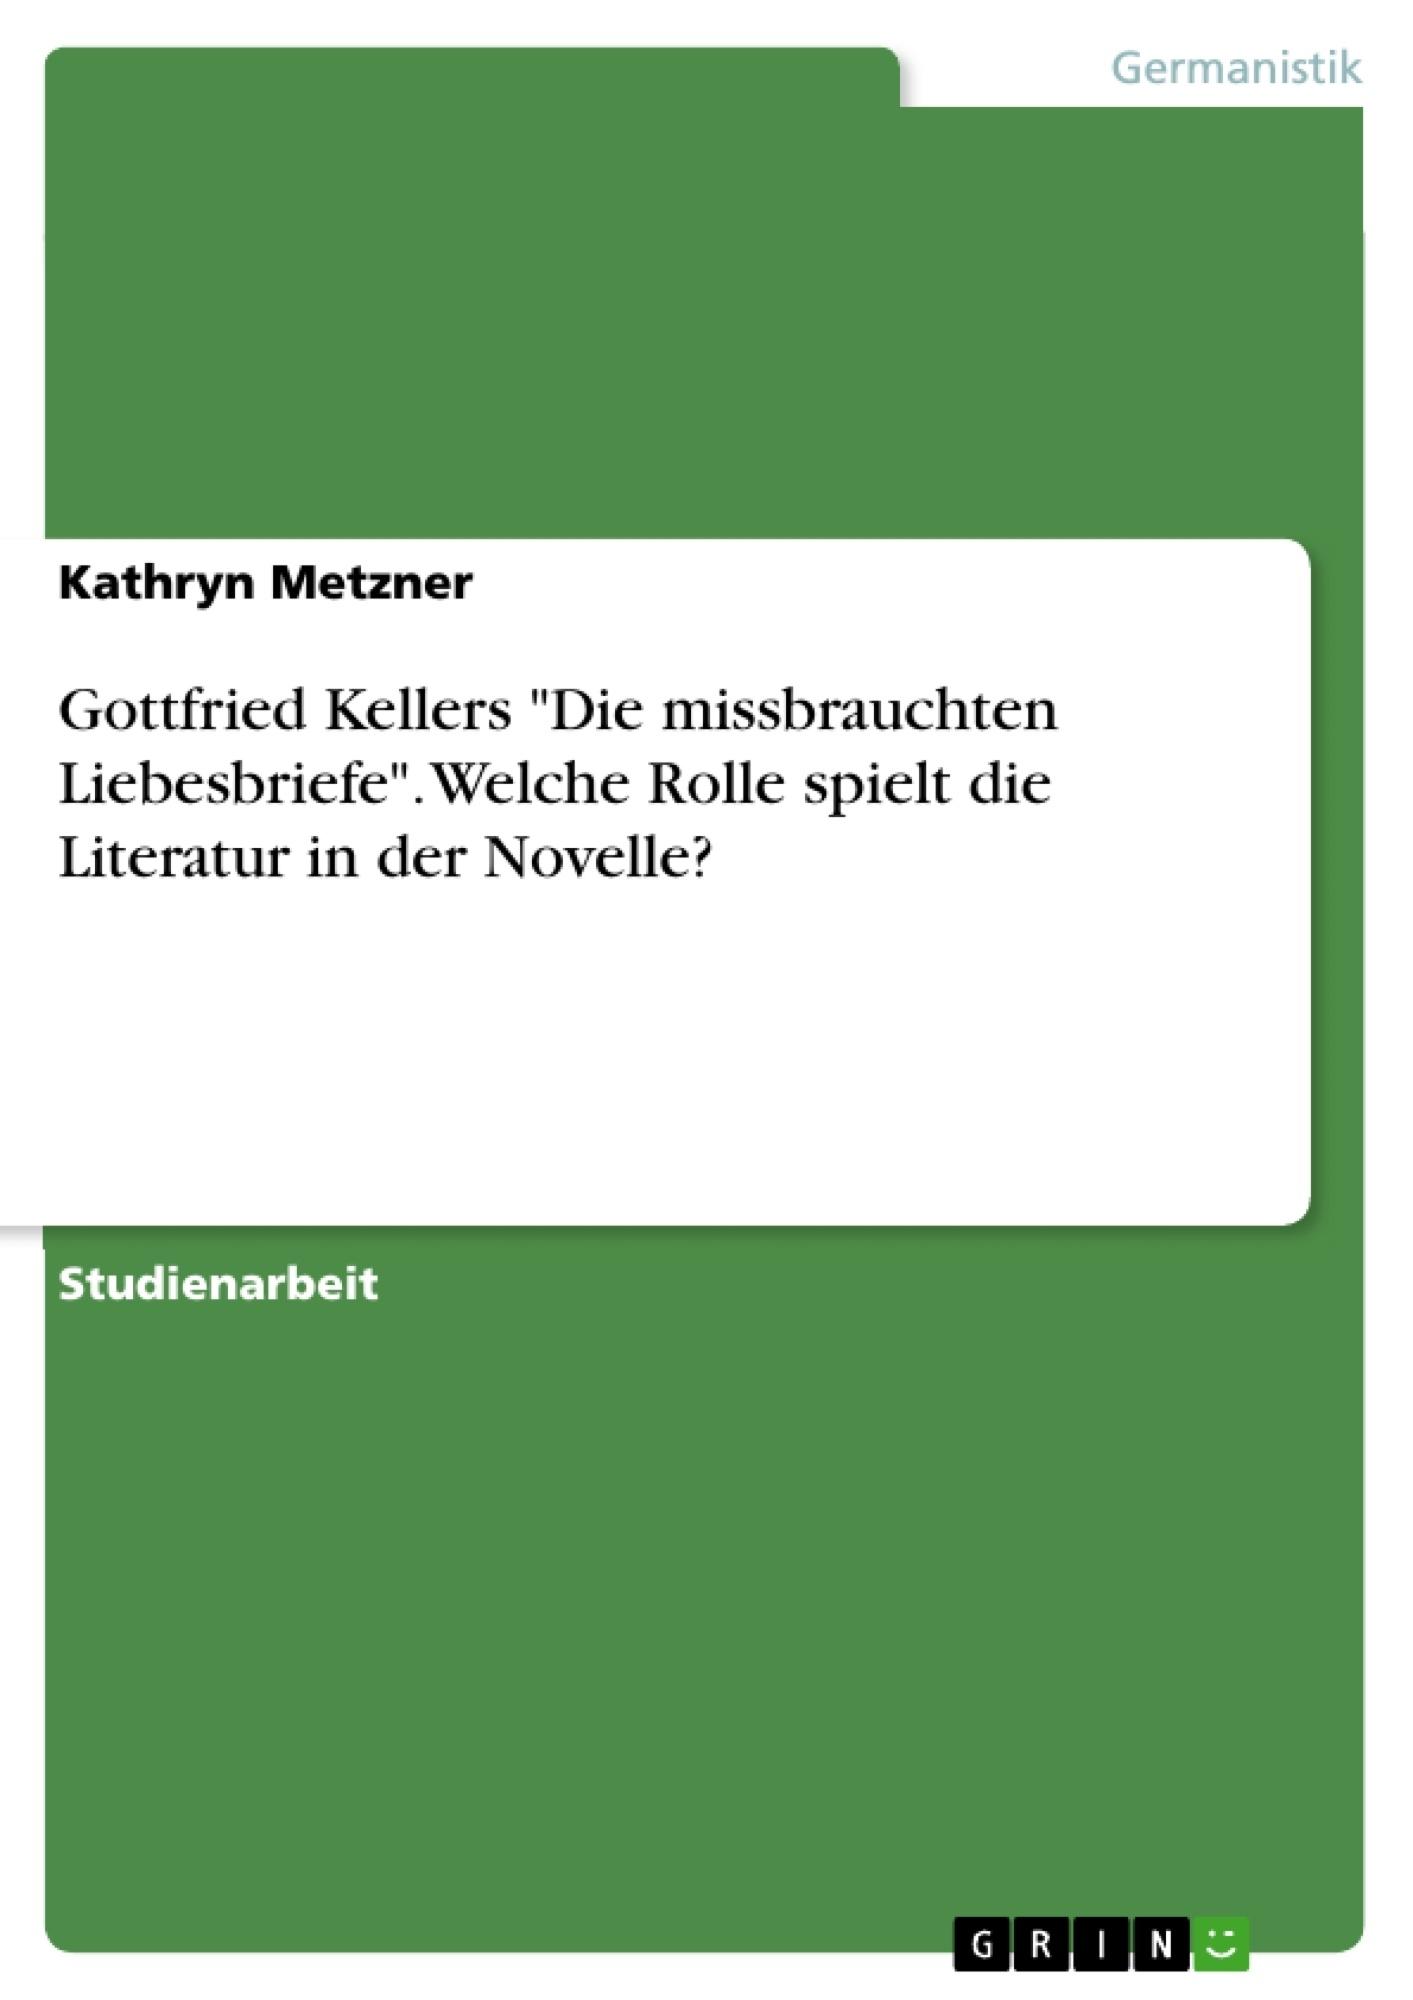 """Titel: Gottfried Kellers """"Die missbrauchten Liebesbriefe"""". Welche Rolle spielt die Literatur in der Novelle?"""